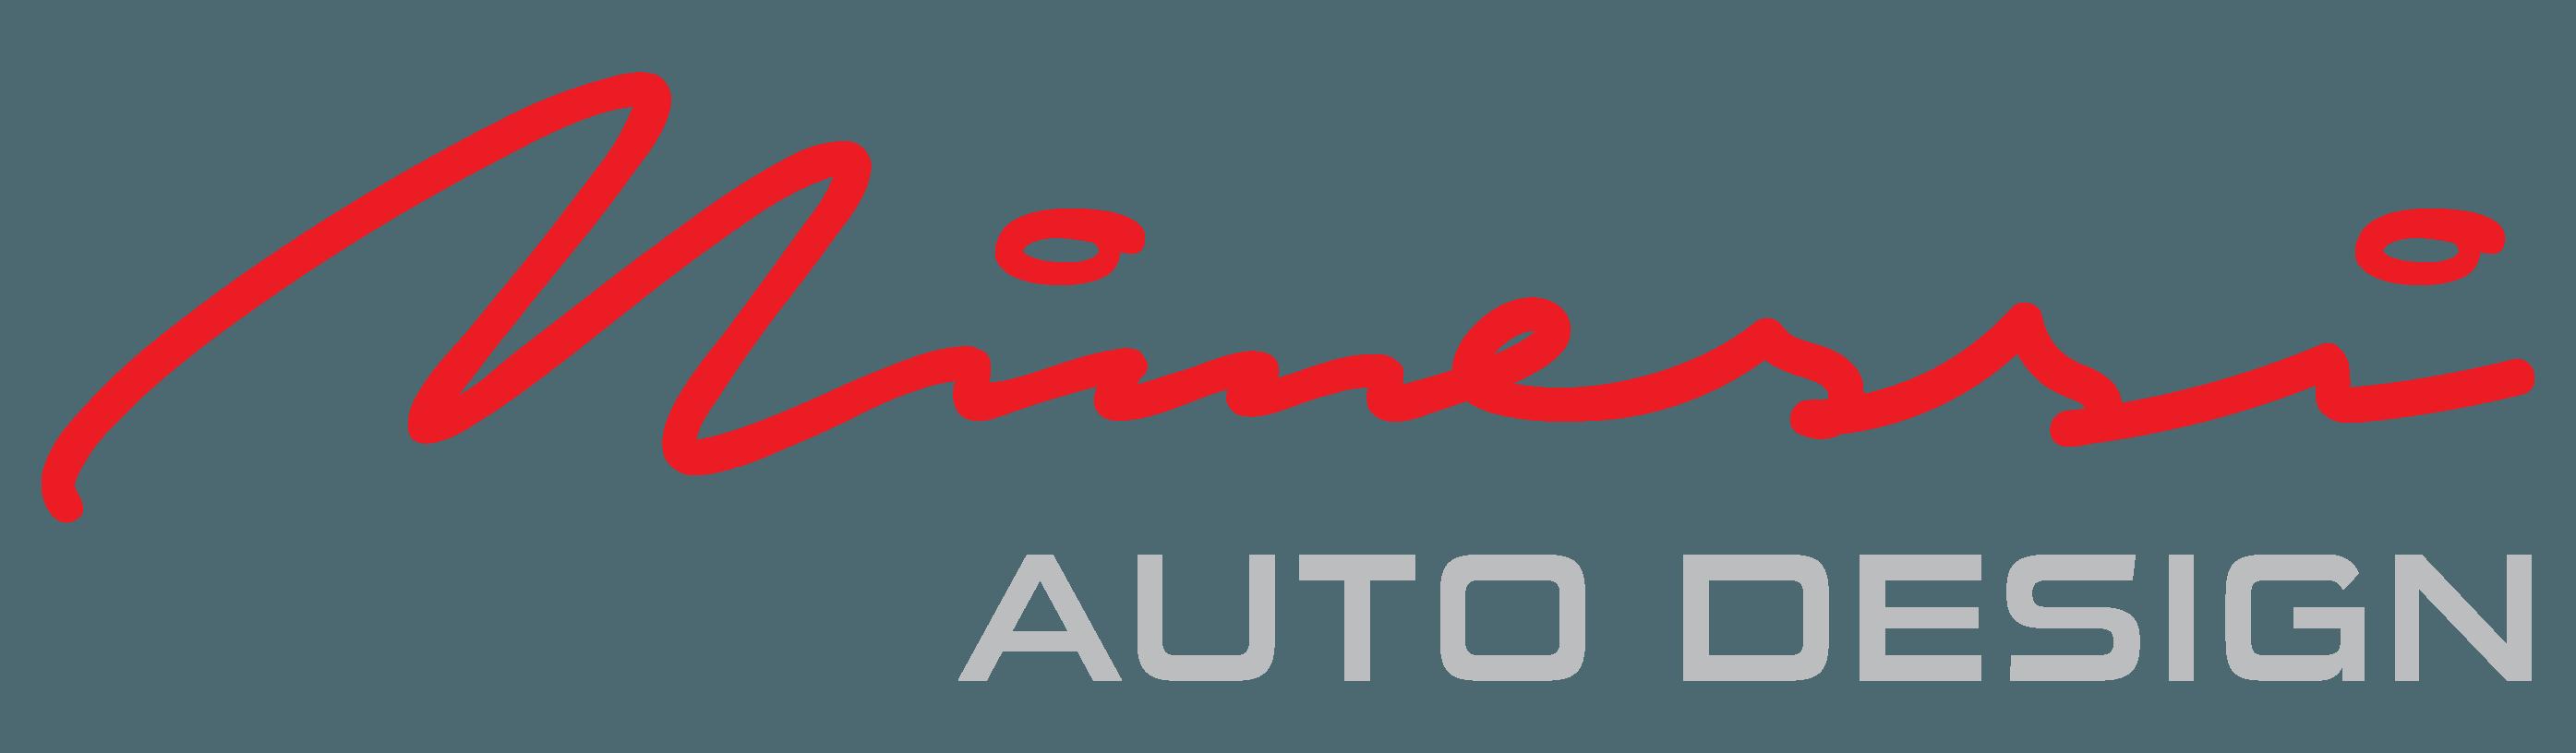 Mimessi Auto Design